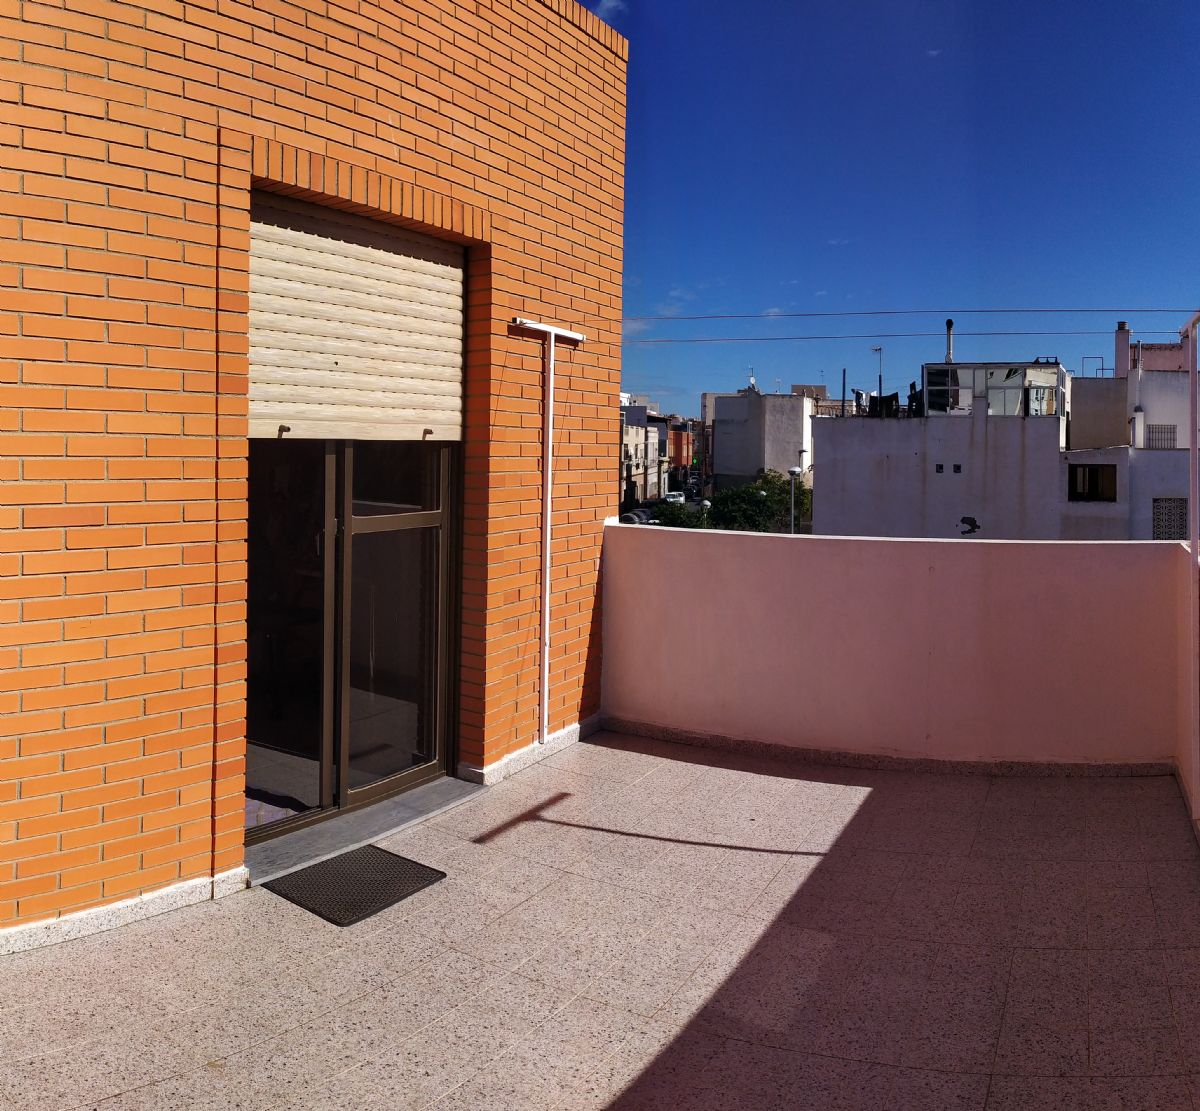 Casa en venta en 39999, Almería, Almería, Calle Real del Barrio Alto, 179.900 €, 4 habitaciones, 3 baños, 160 m2